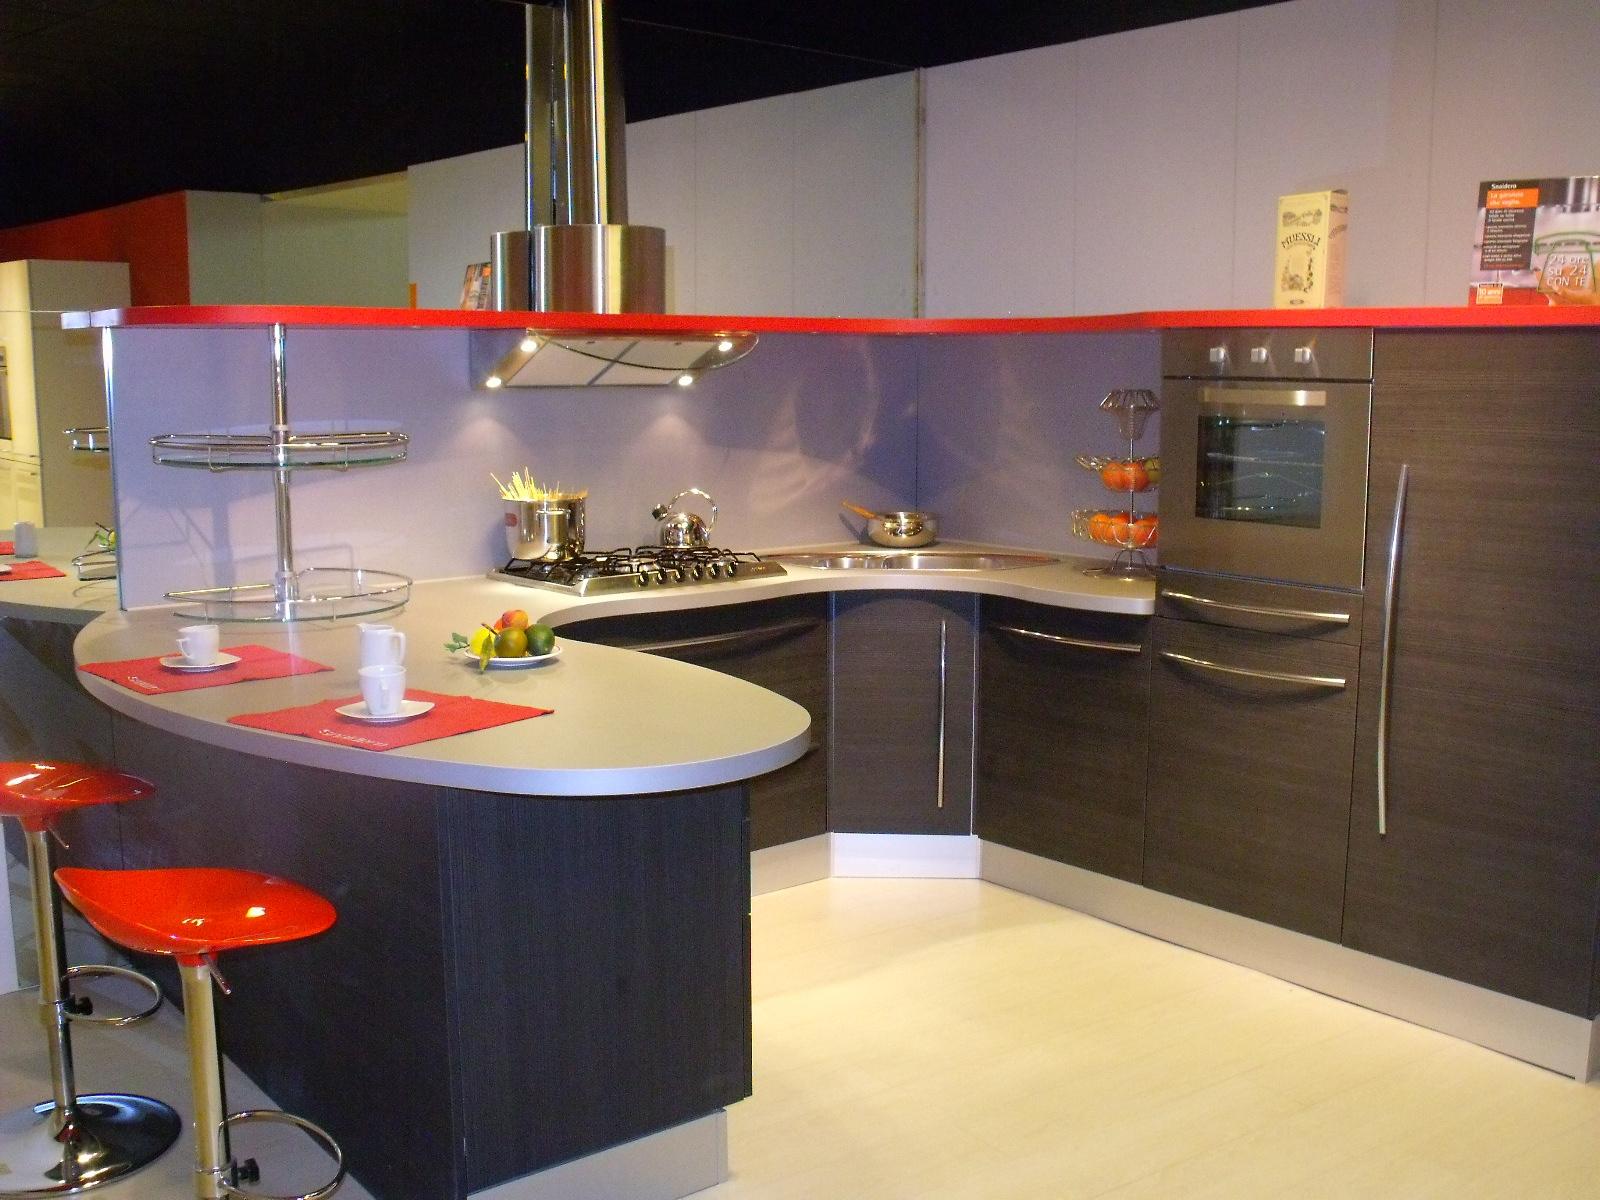 Snaidero Cucina Skyline Laminato Materico Cucine A Prezzi Scontati #B52816 1600 1200 Top Cucina In Laminato Opinioni